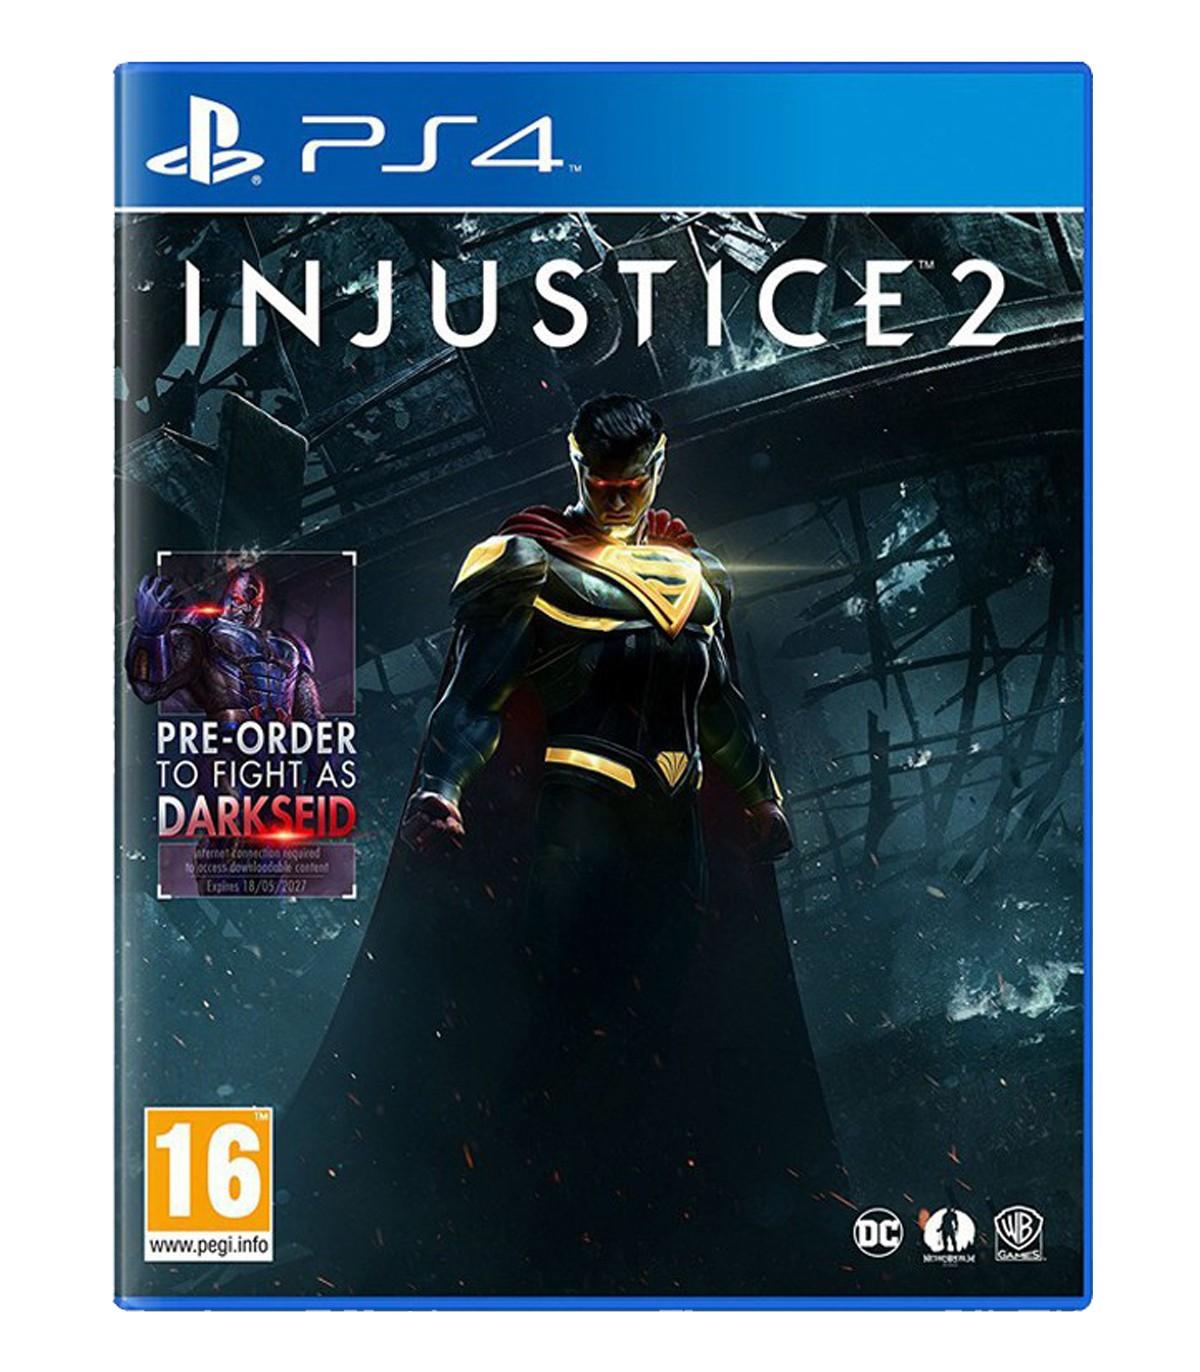 بازی Injustice 2 کارکرده - پلی استیشن 4